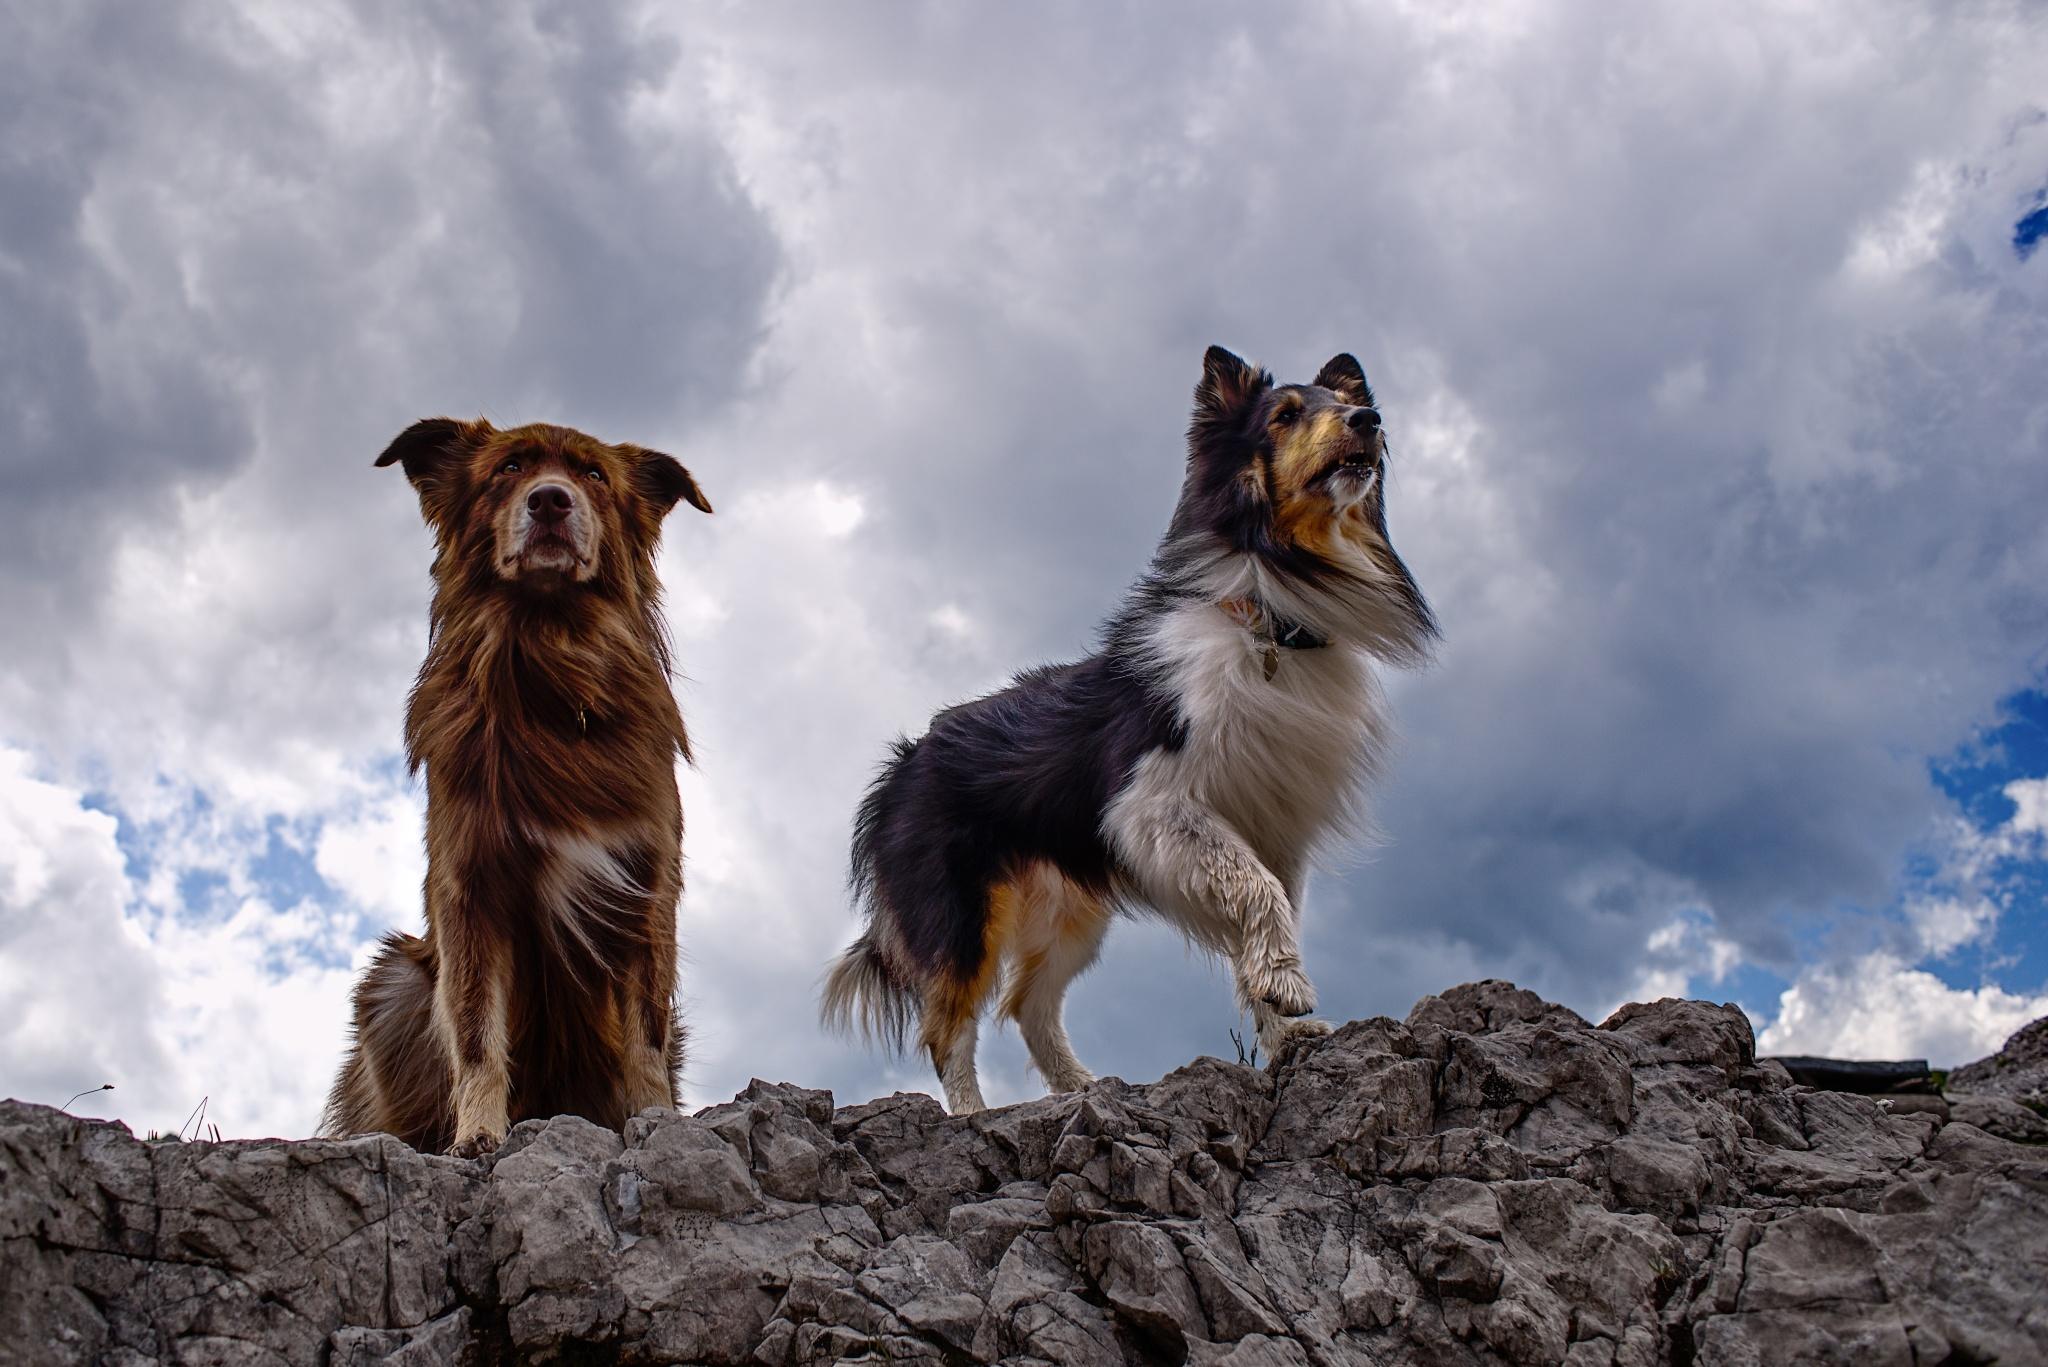 Focení psů není vždy jednoduché, shodují se Míša Malá a Eliška Hrůzová